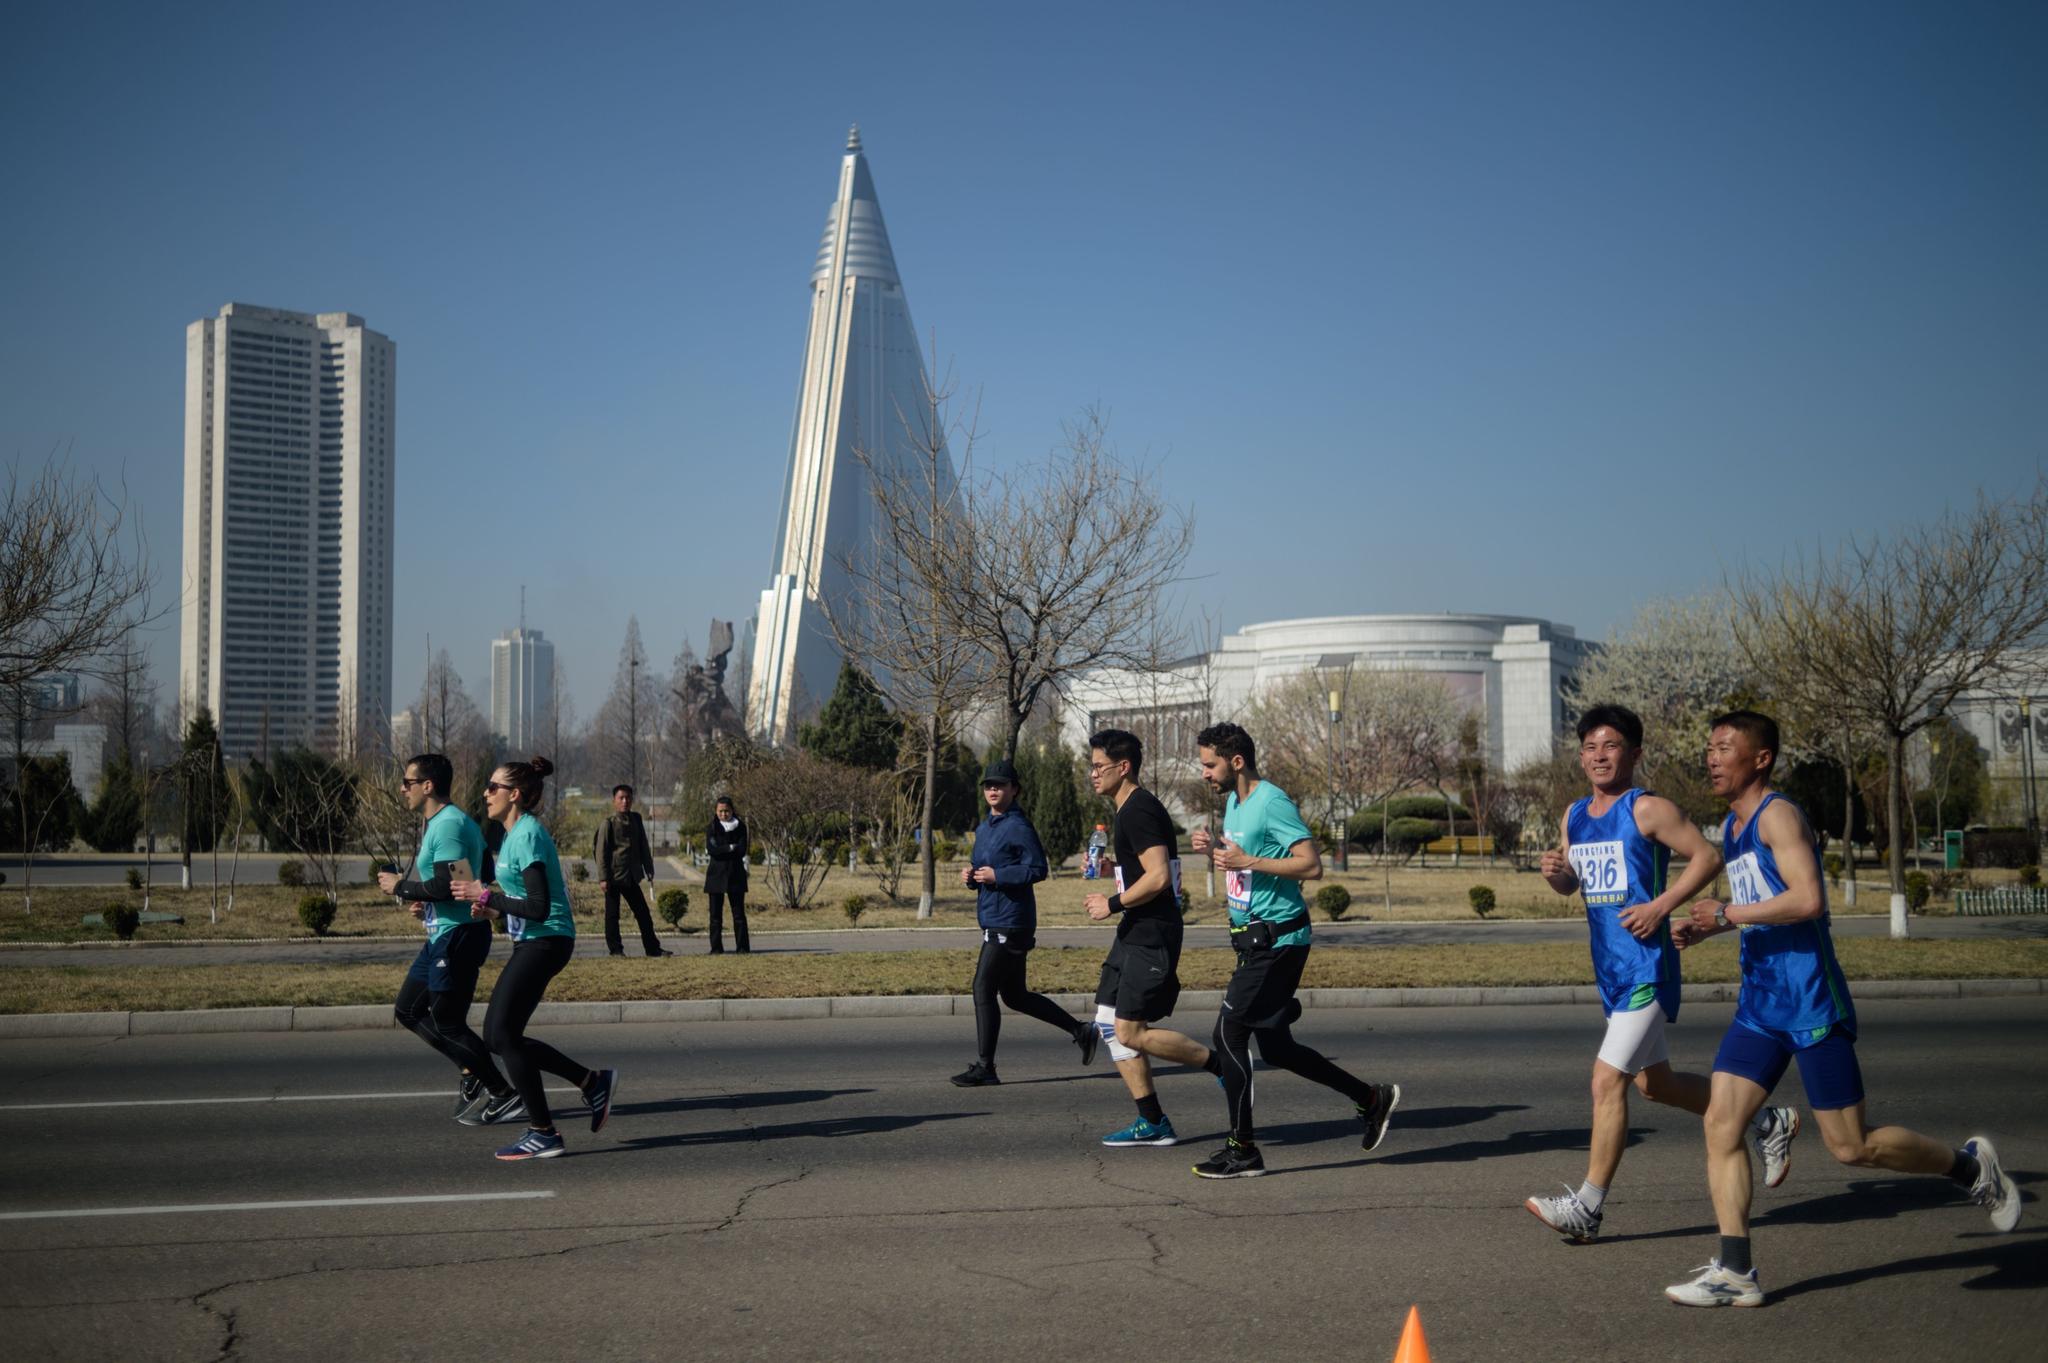 선수들이 유경호텔을 지나 평양 시내를 달리고 있다. [AFP=연합뉴스]